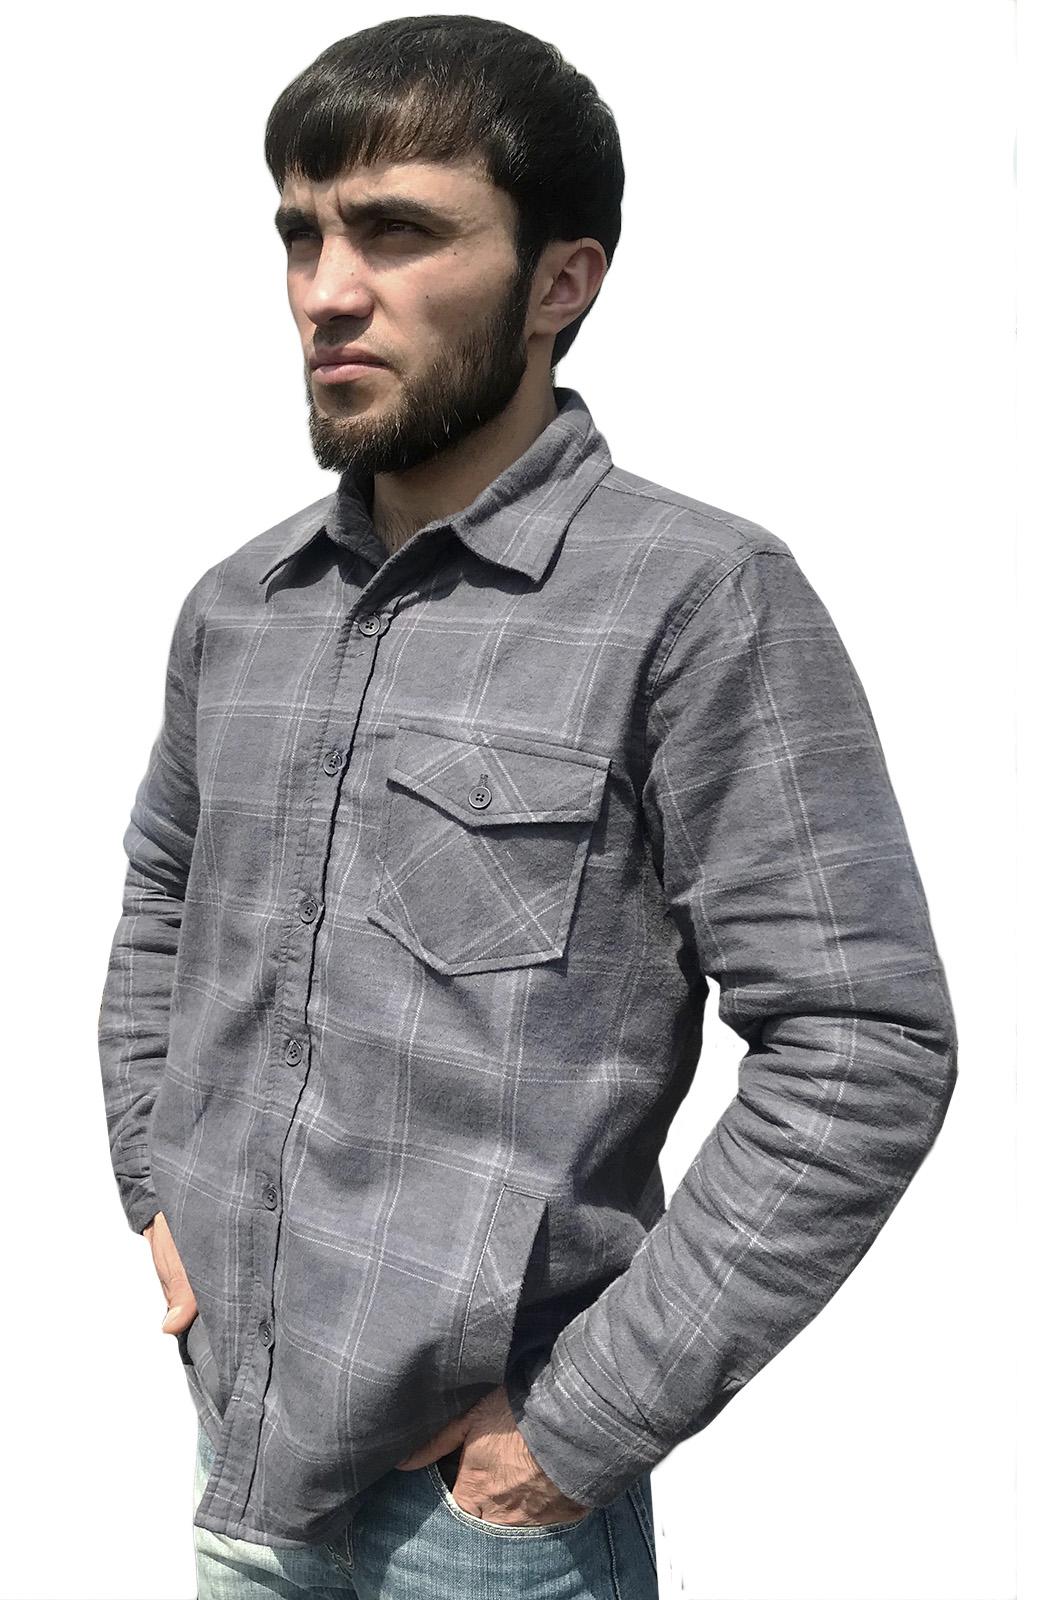 Стильная рубашка с вышитым шевроном Командования ВДВ - купить онлайн